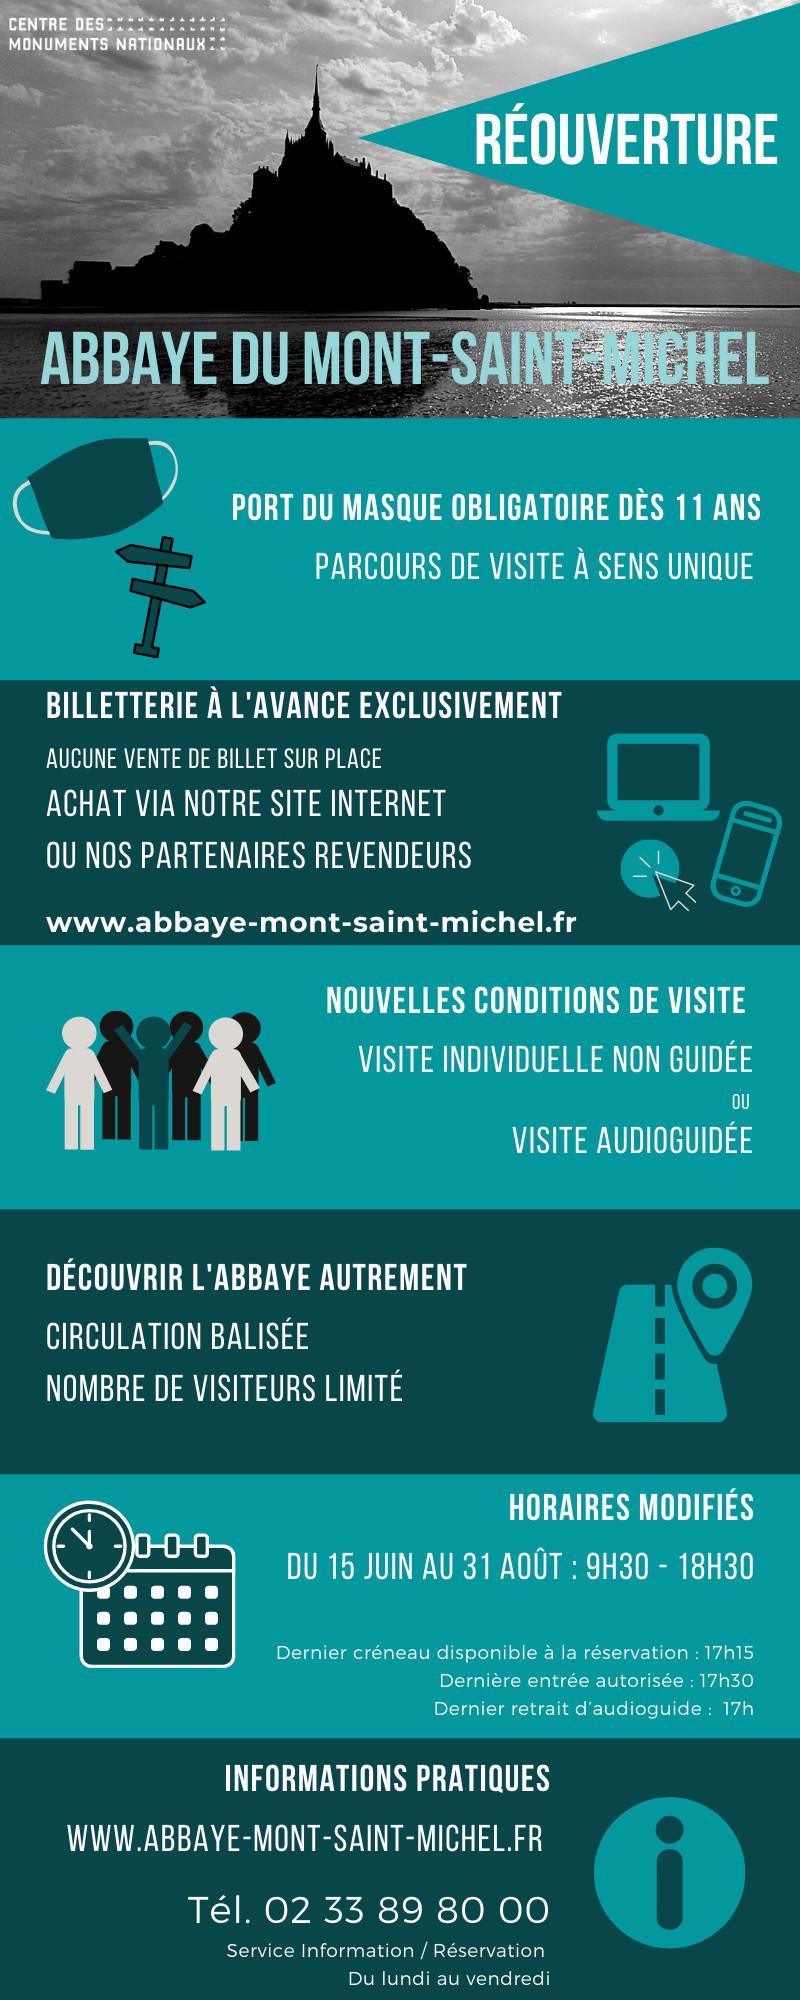 Abbaye du Mont-Saint-Michel : saison 2020